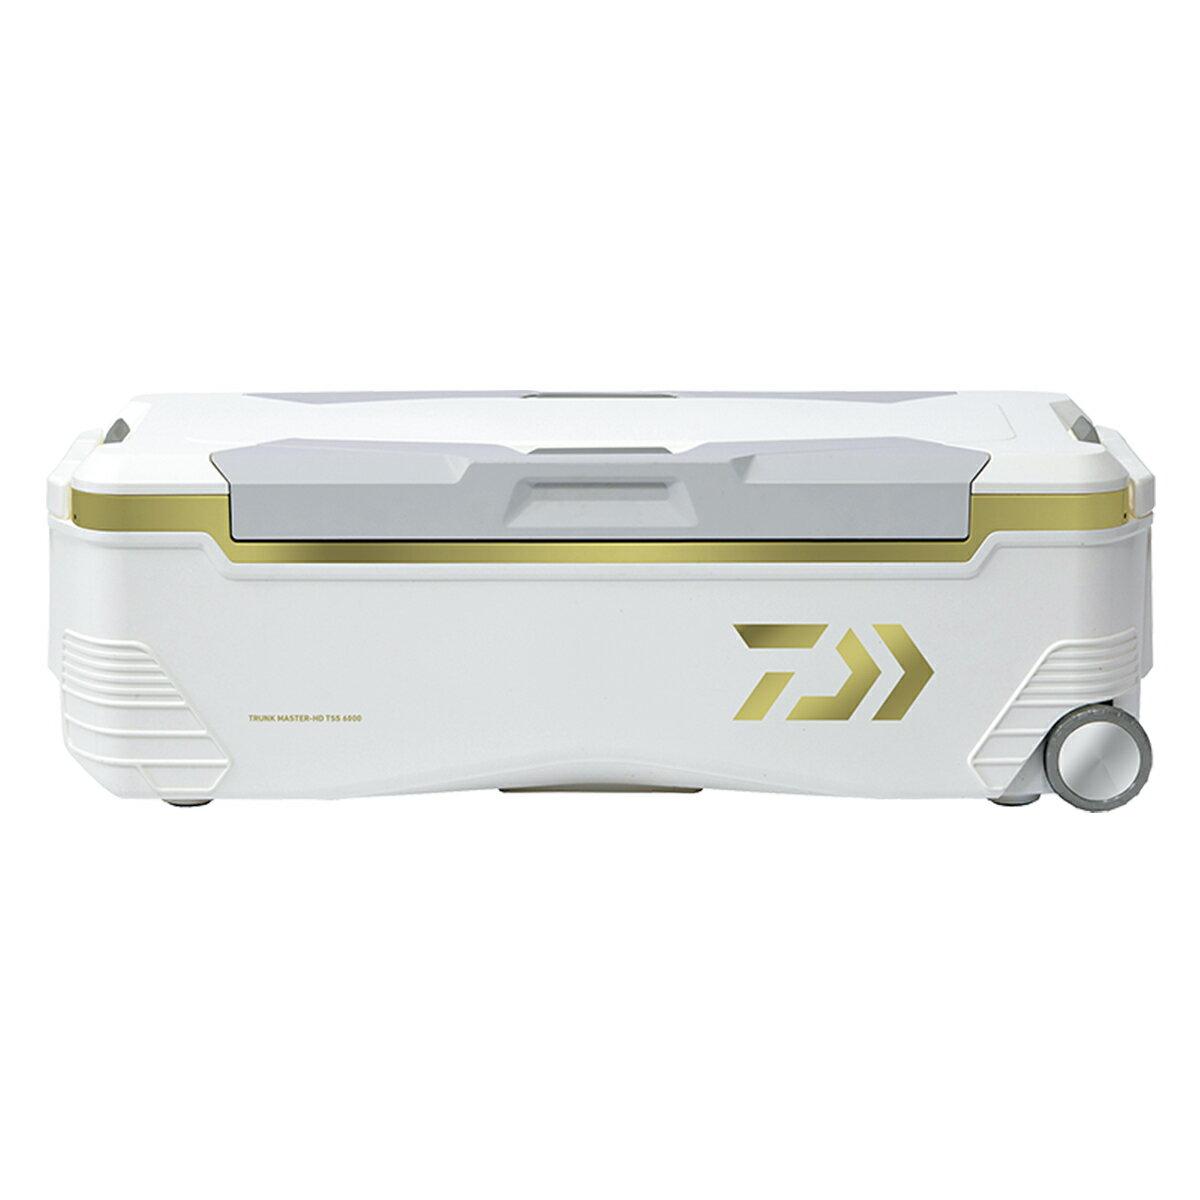 ダイワ トランクマスターHD TSS 6000 Sゴールド クーラーボックス【大型商品】